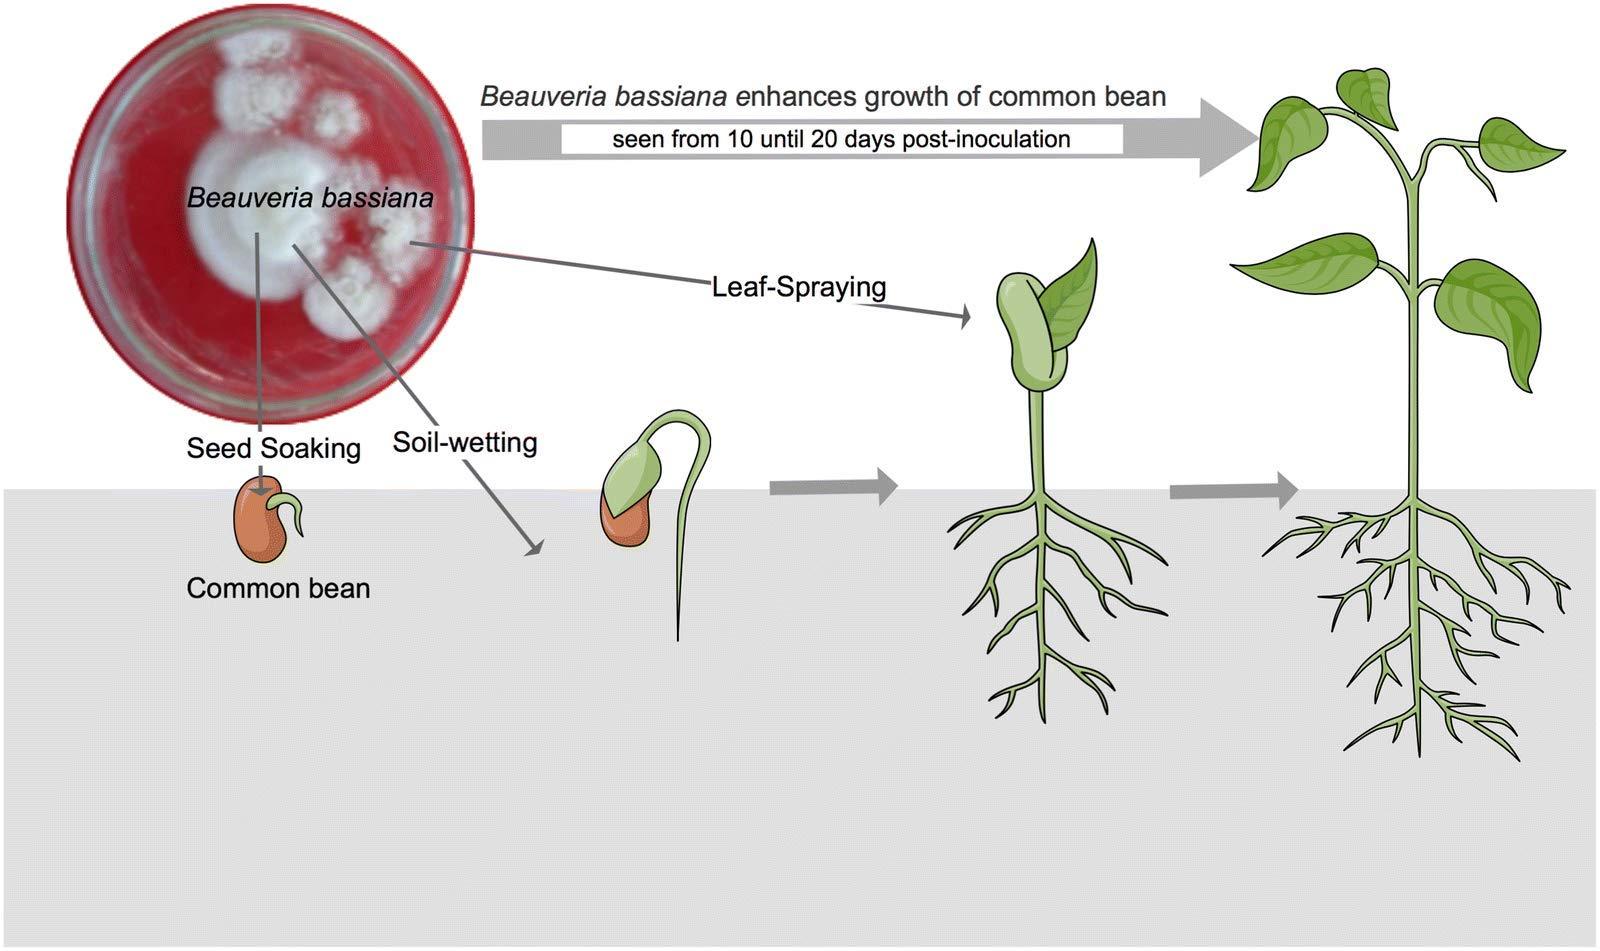 100% Organic BEAUVERIA BASSIANA Biopesticide/Bio Insecticide 980grms - Kerala Agro Organics (B07FW5MZ7T) Amazon Price History, Amazon Price Tracker